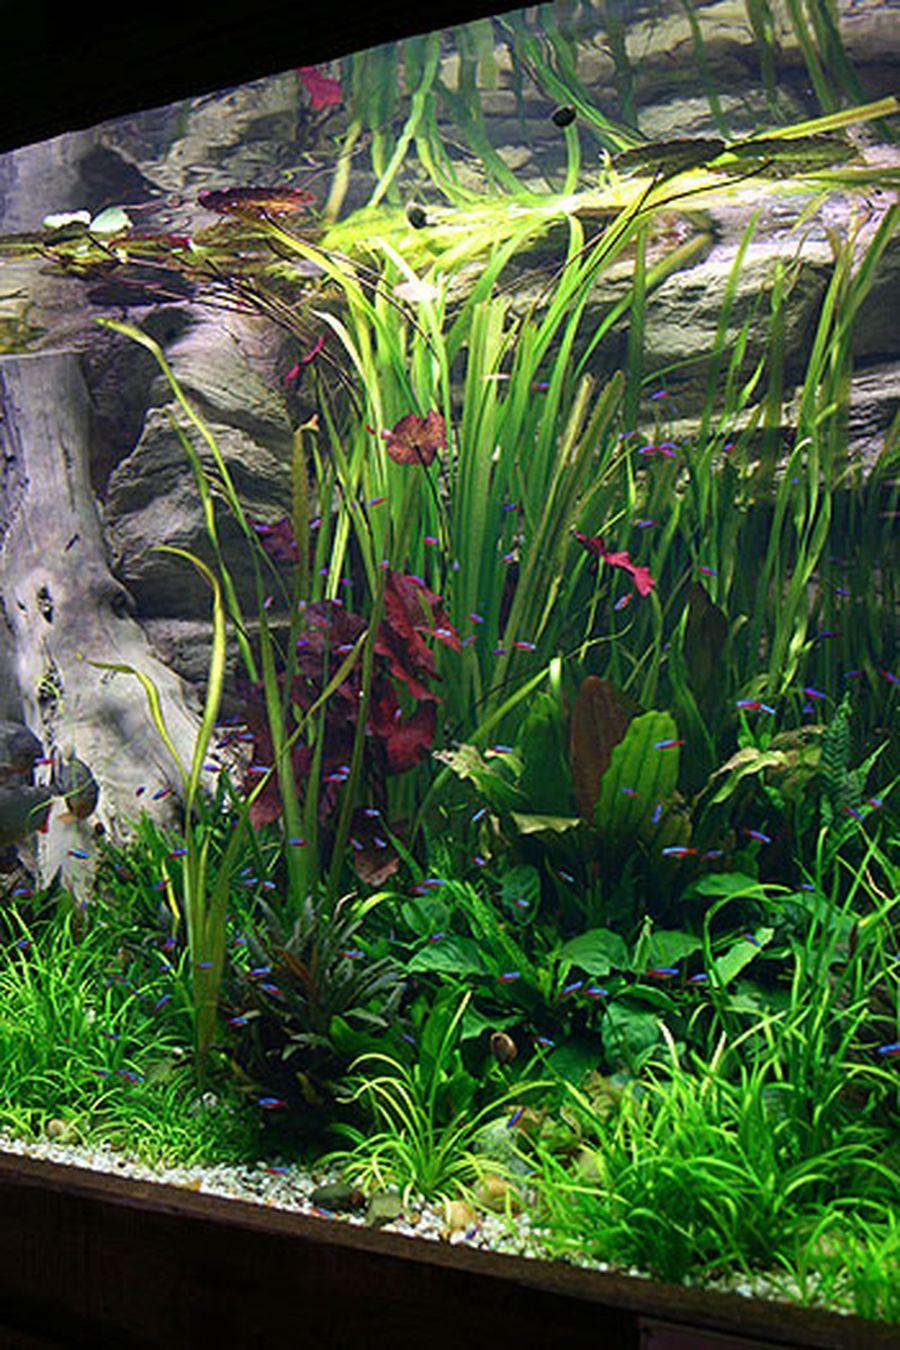 Amazing Aquascape Gallery Ideas That You Never Seen Before Tropicalfishaquariumideas Ideias Para Aquario Peixe De Agua Doce Aquapaisagismo